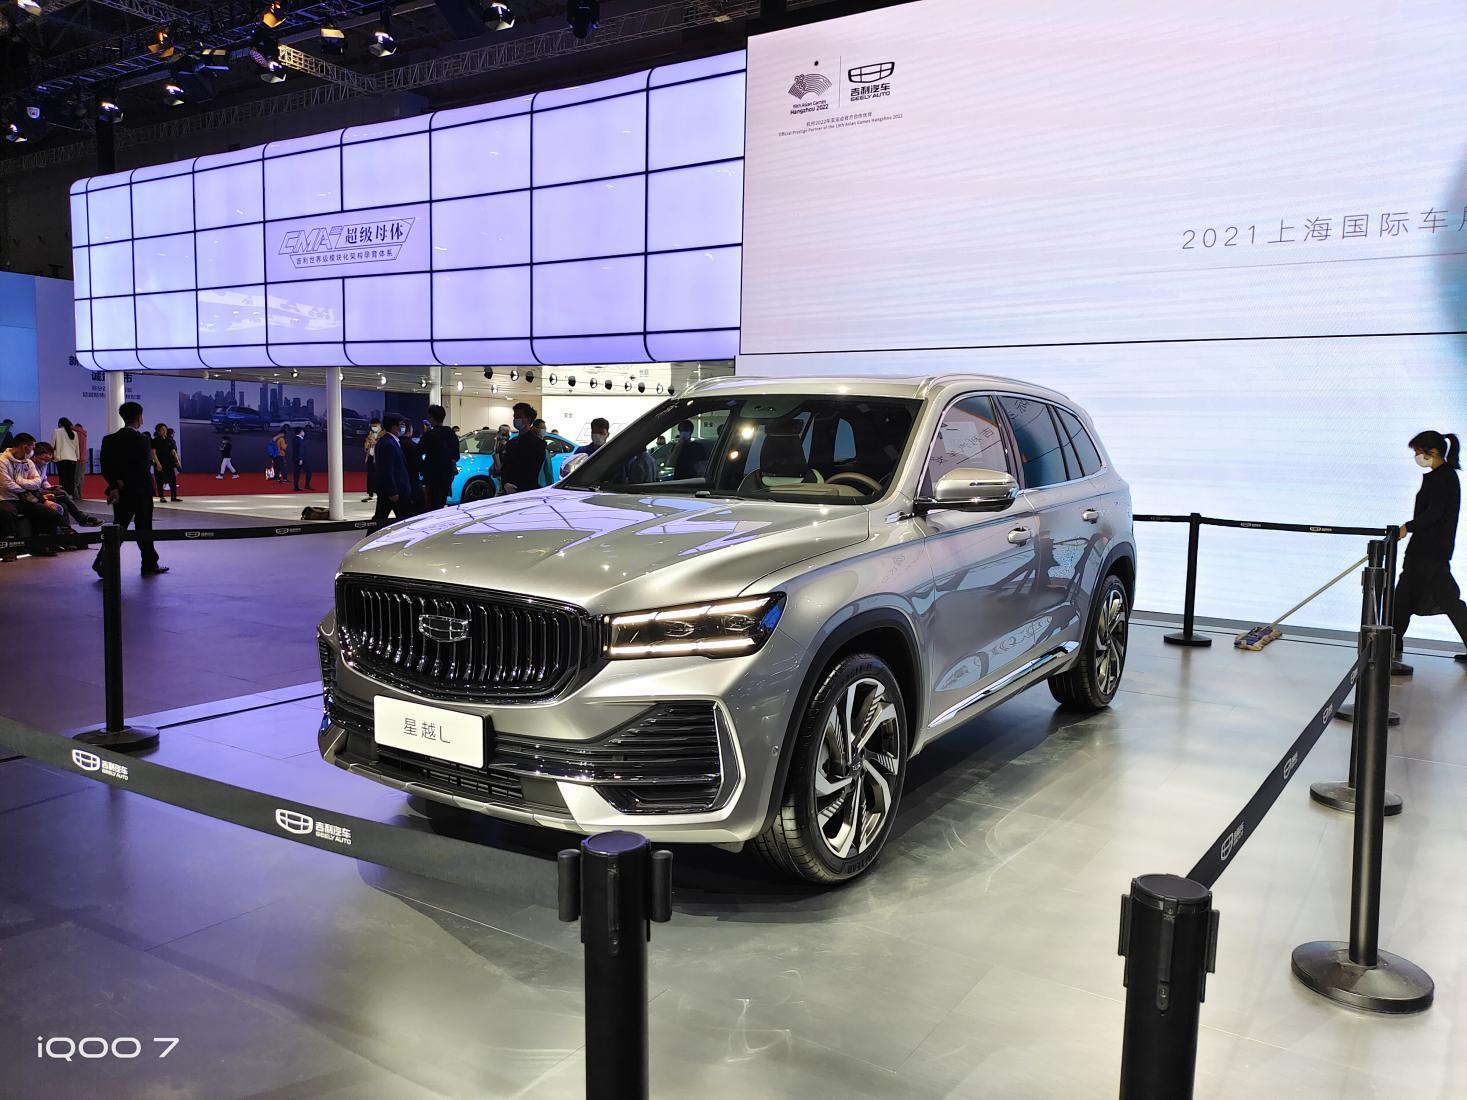 2021上海车展新车解读:吉利星越L